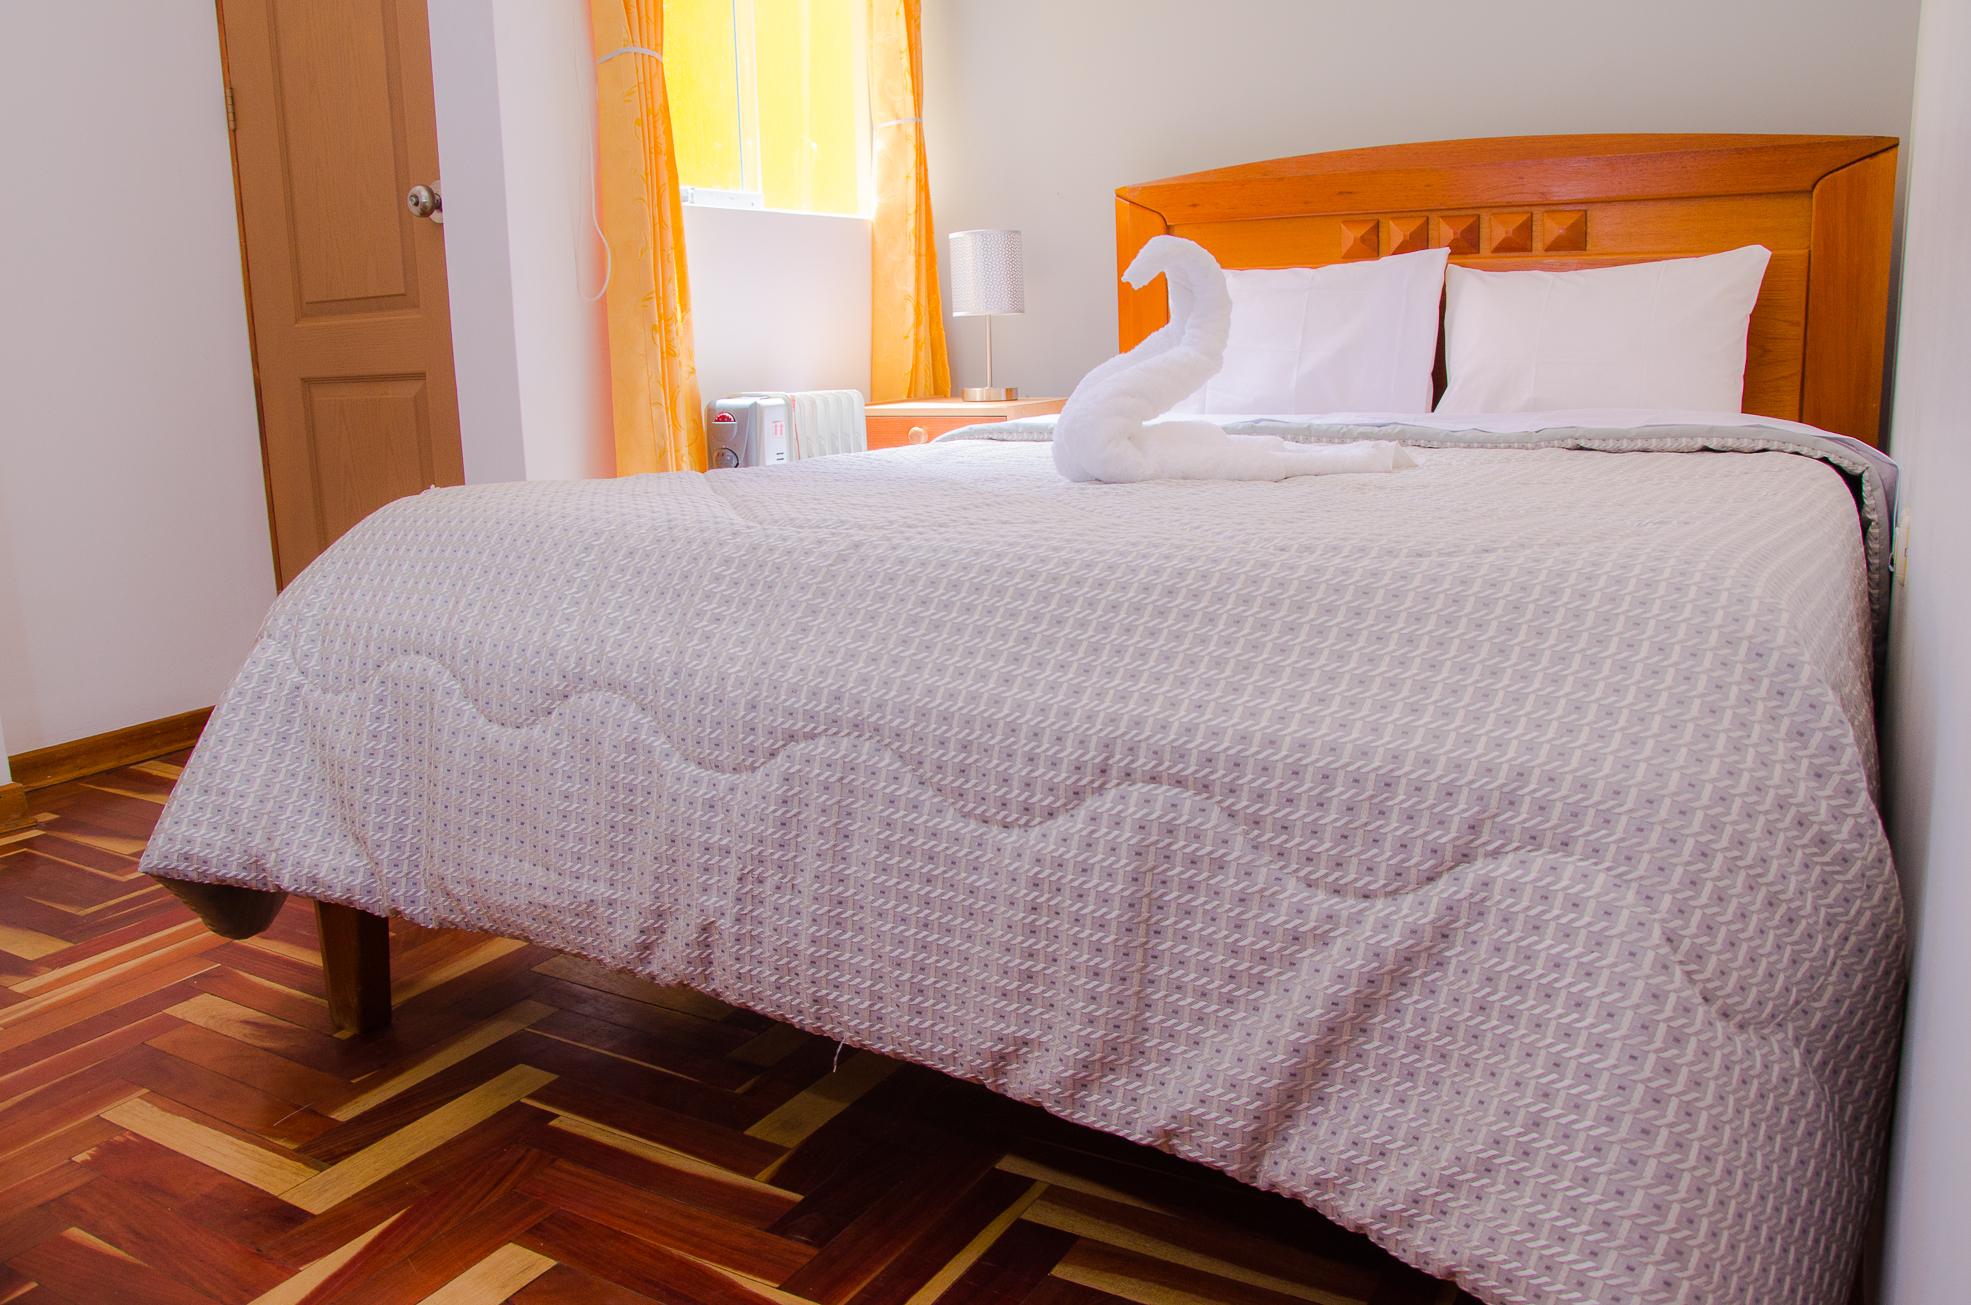 hotel-wayra-dreams-29